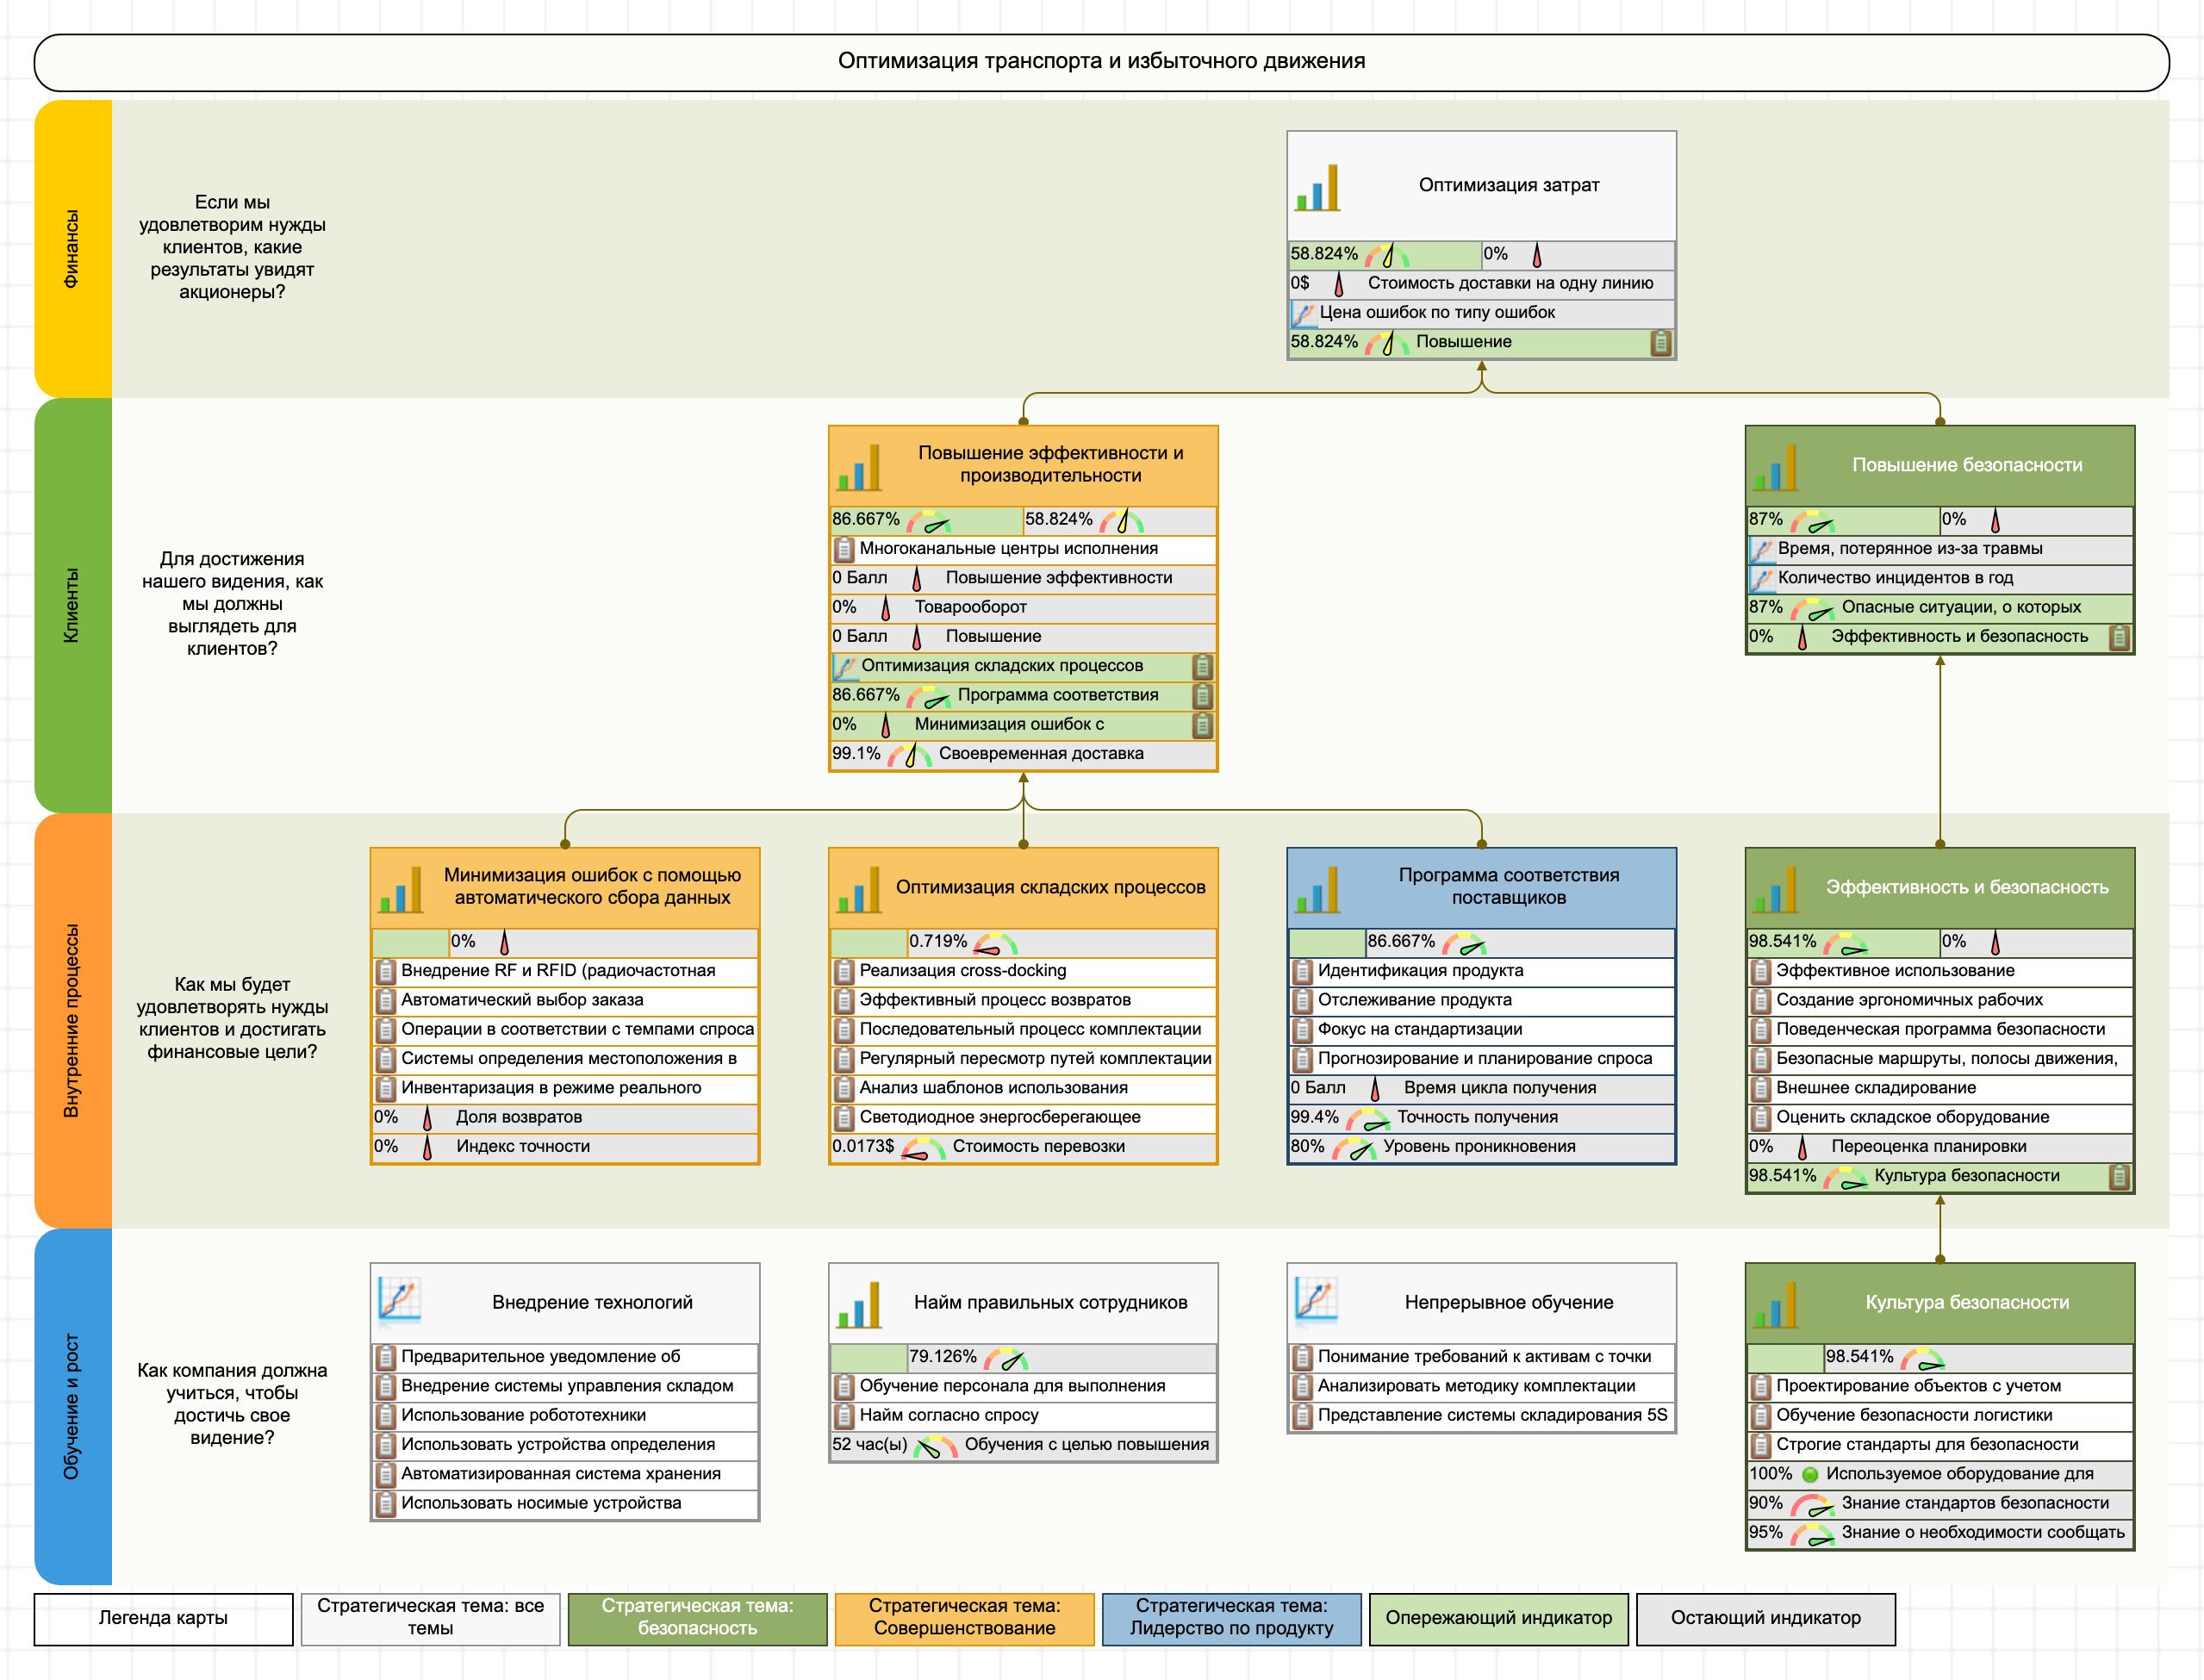 Стратегическая карта ССП склада с KPI и инициативами